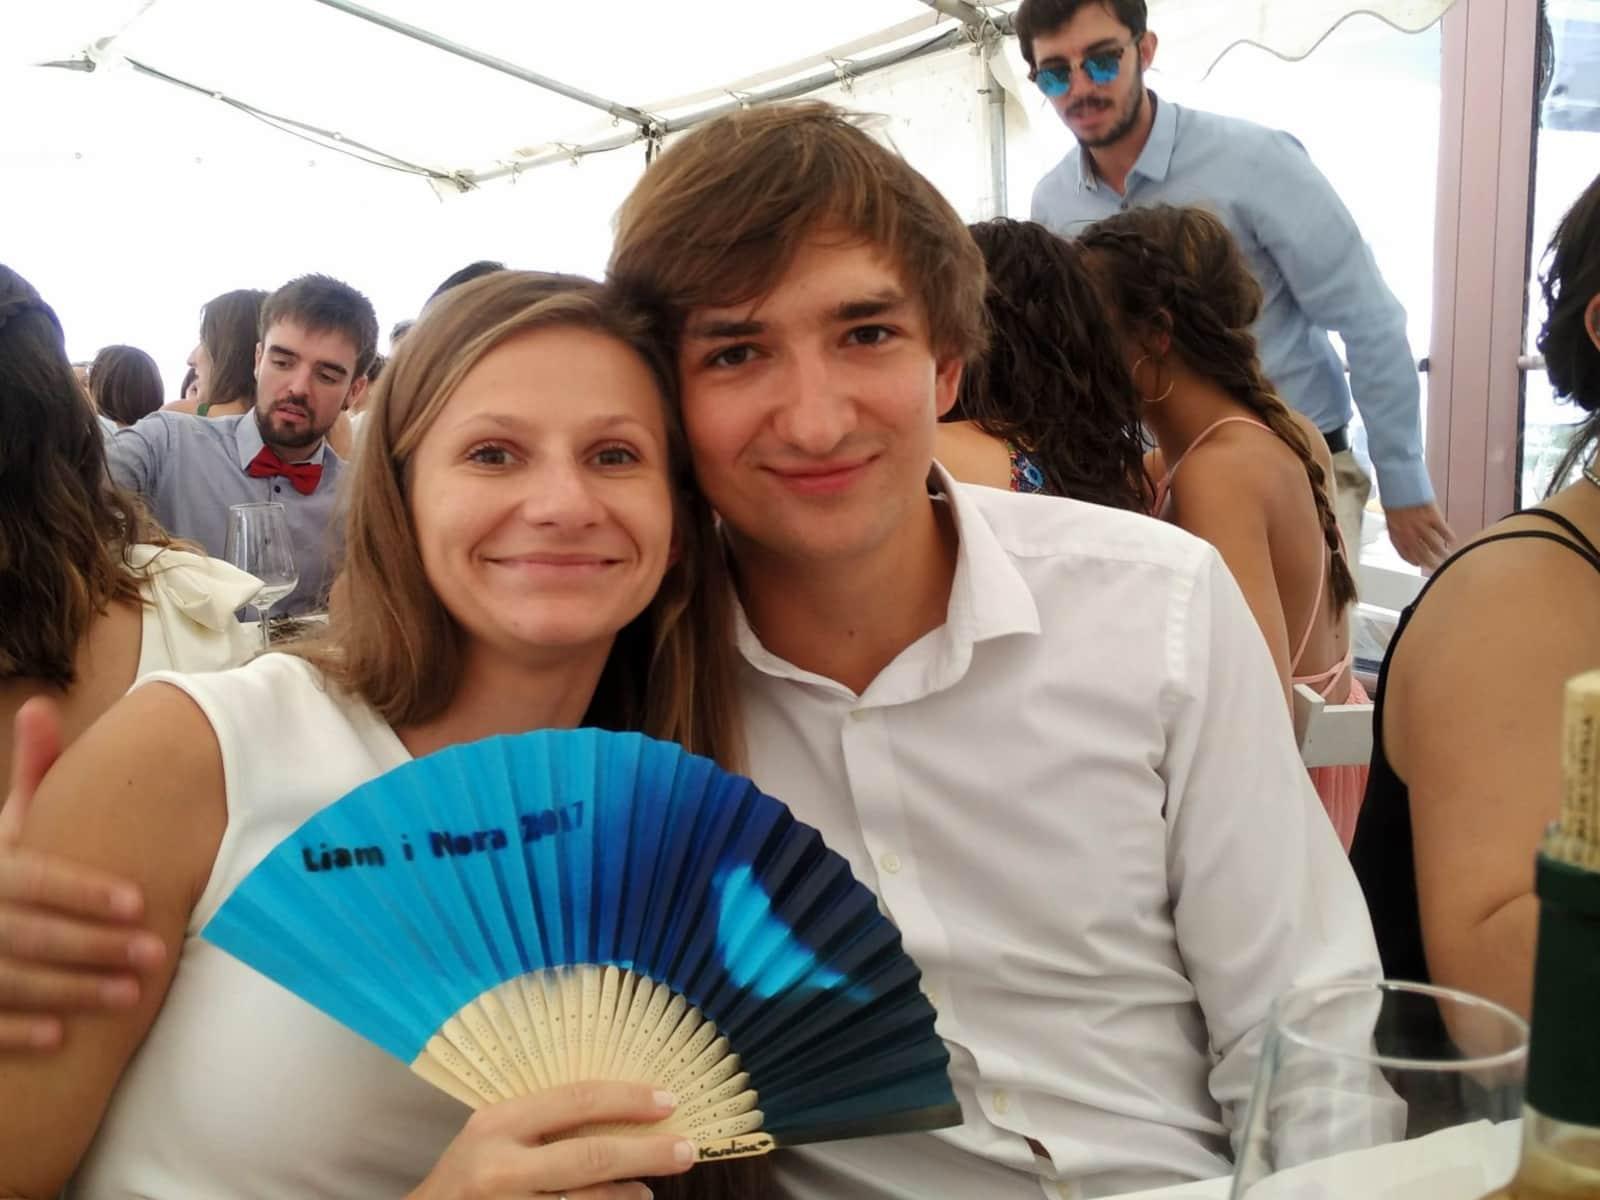 Karolina & Pawel from Augustów, Poland